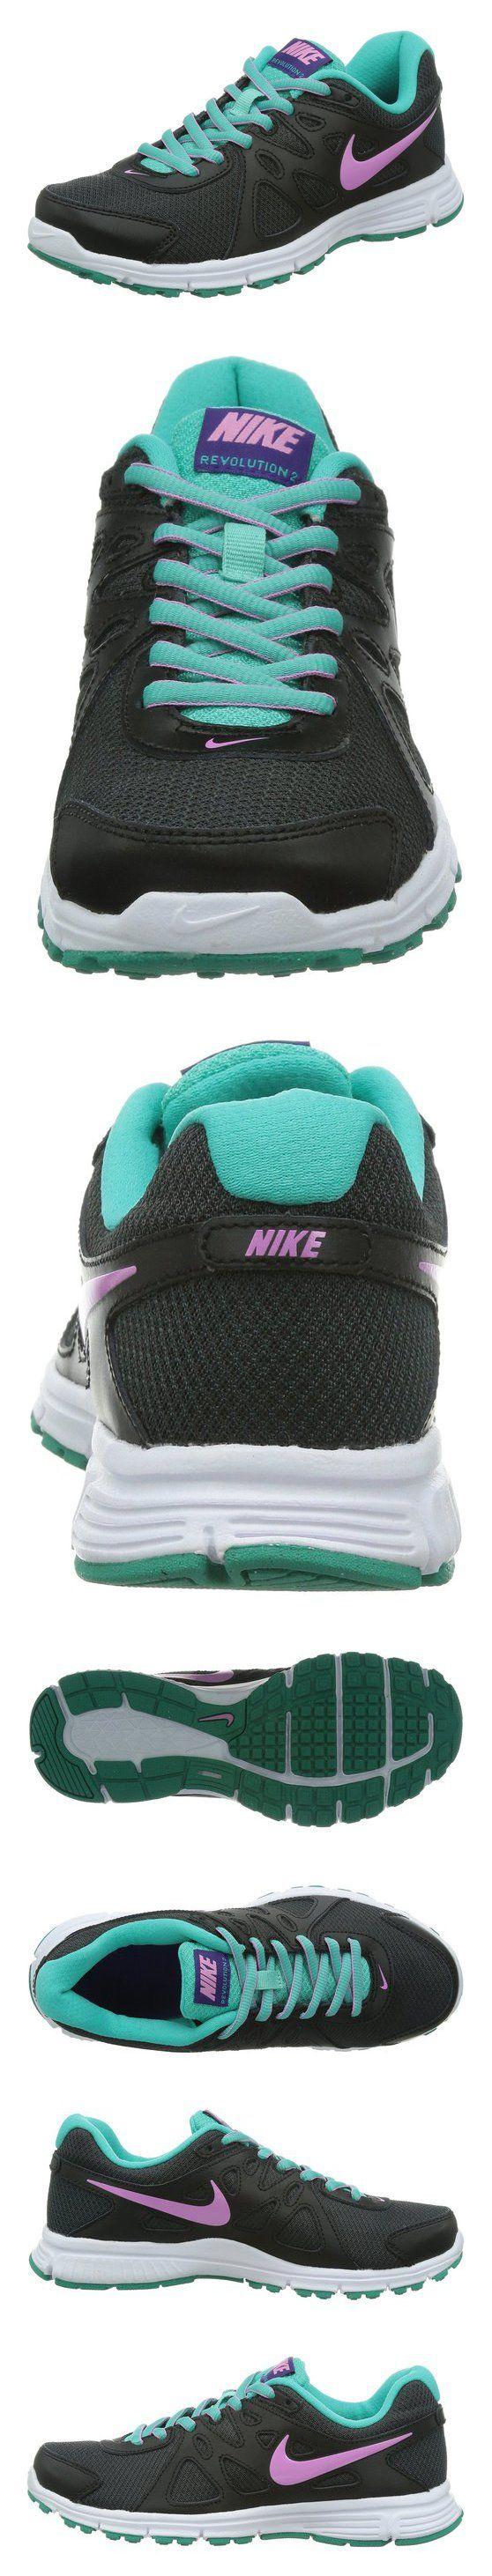 $55 - Nike Revolution 2 Womens Running Shoes 9.5 B - Medium #shoes #nike #2013